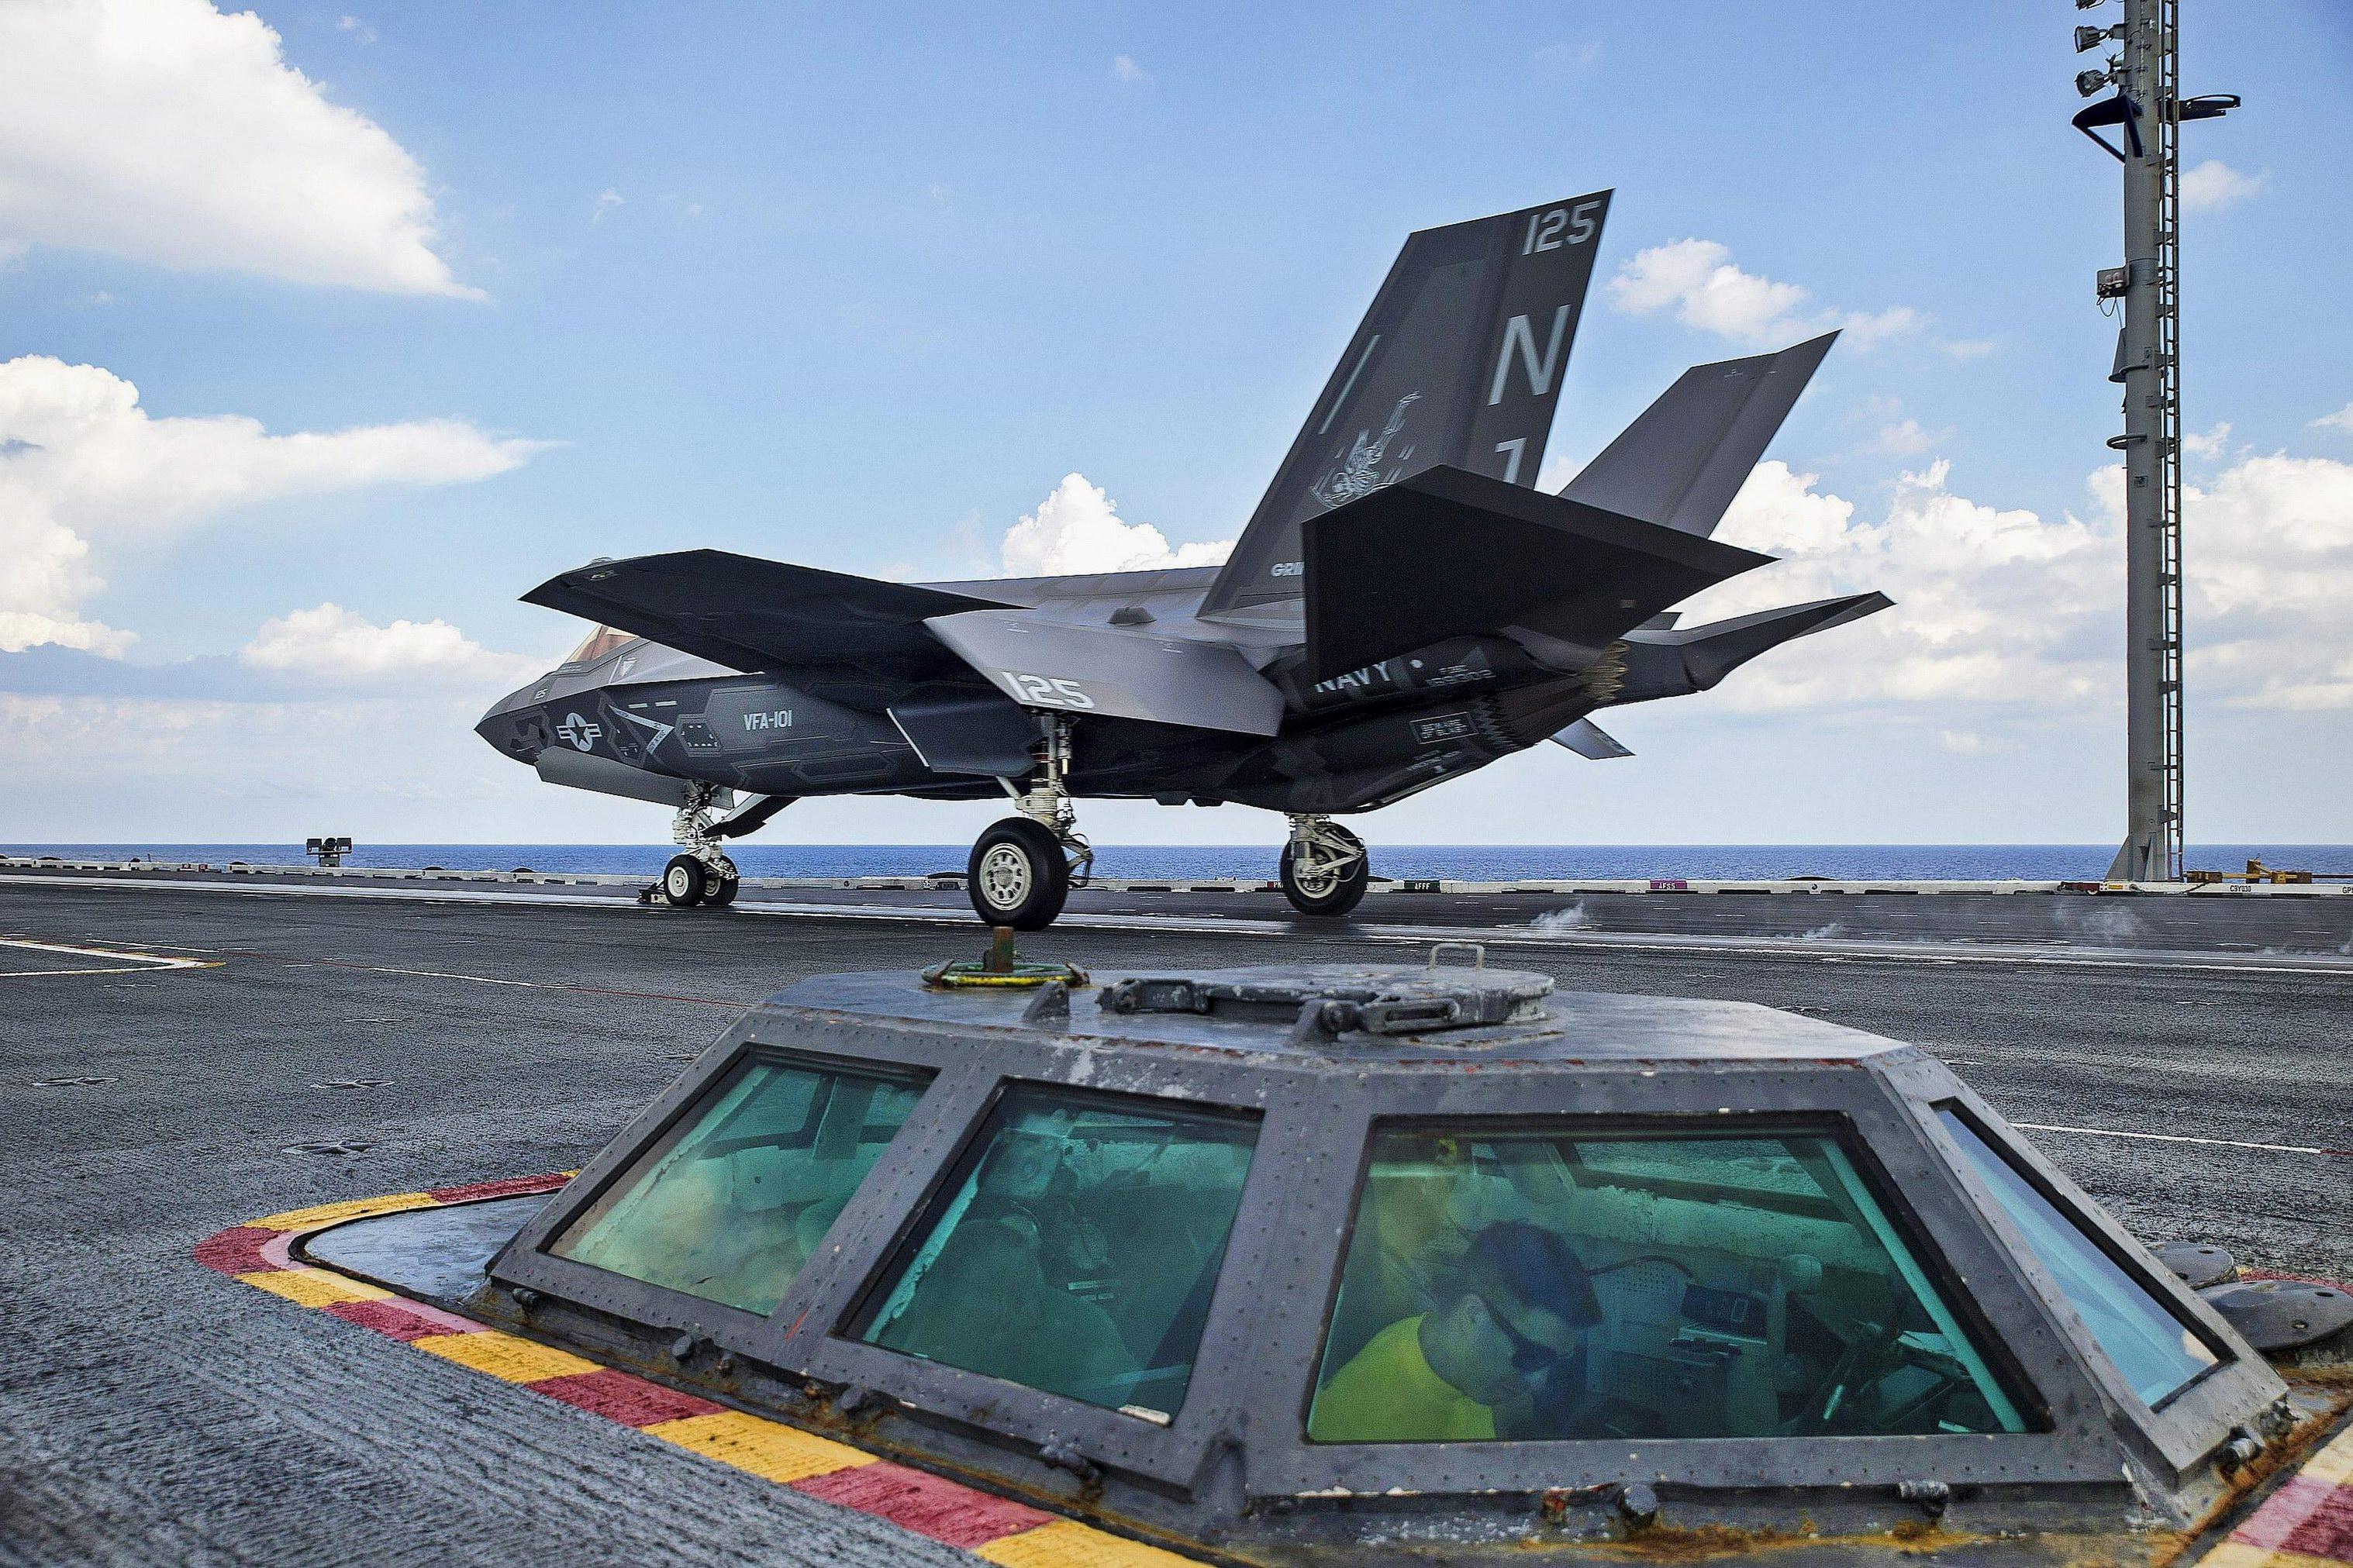 美智库力劝海军开发空优战机:确保能对抗歼20